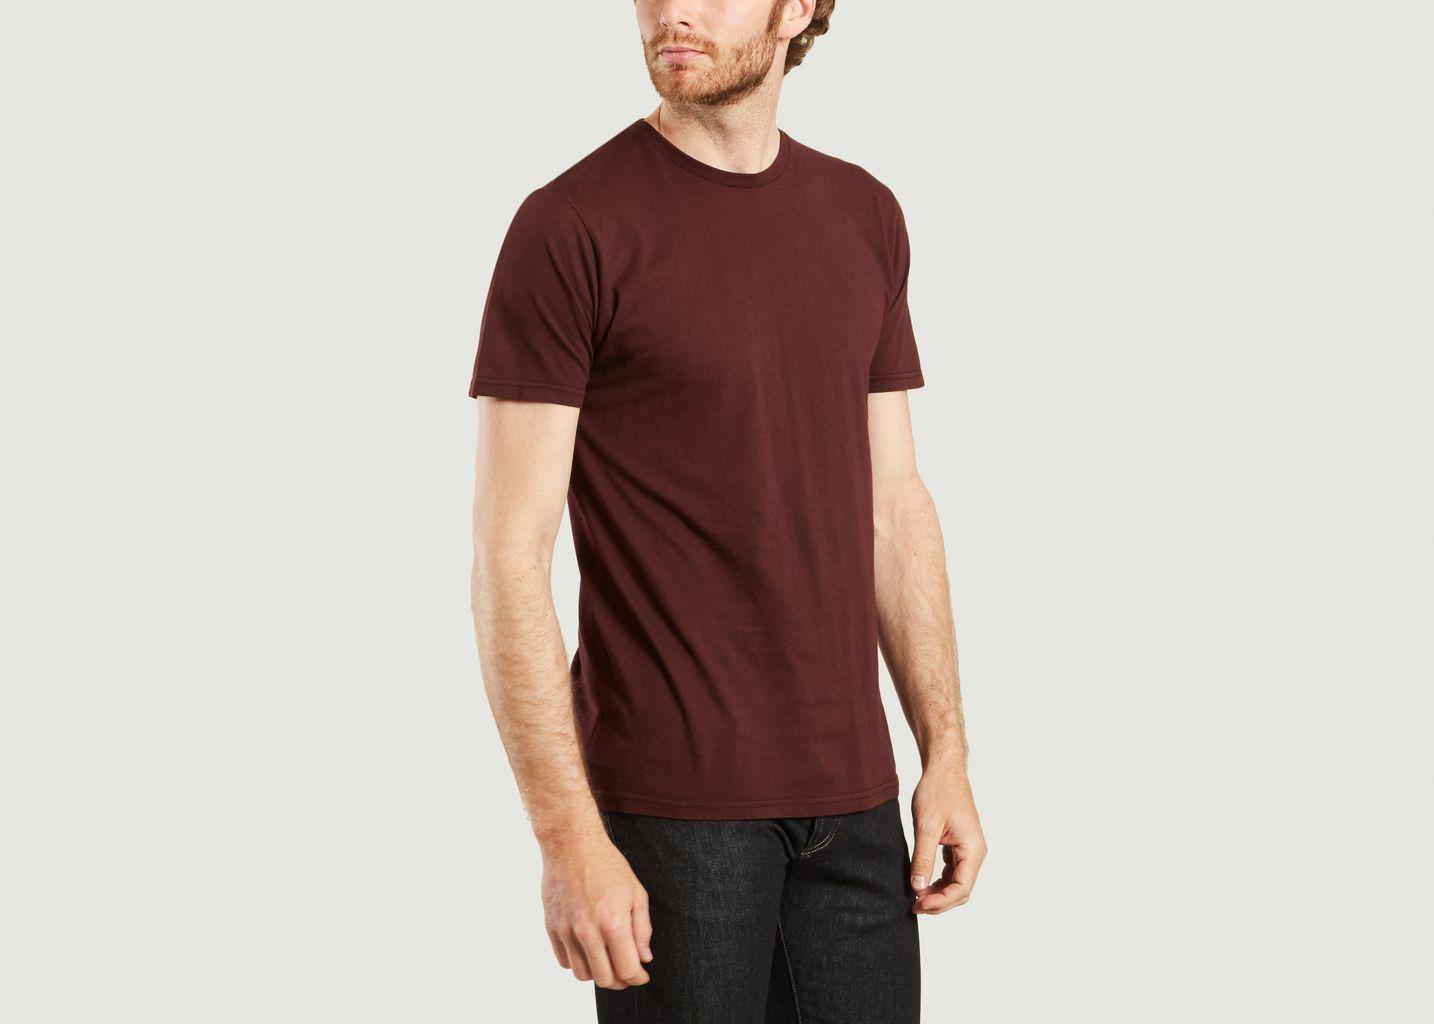 T-Shirt Classique - Colorful Standard